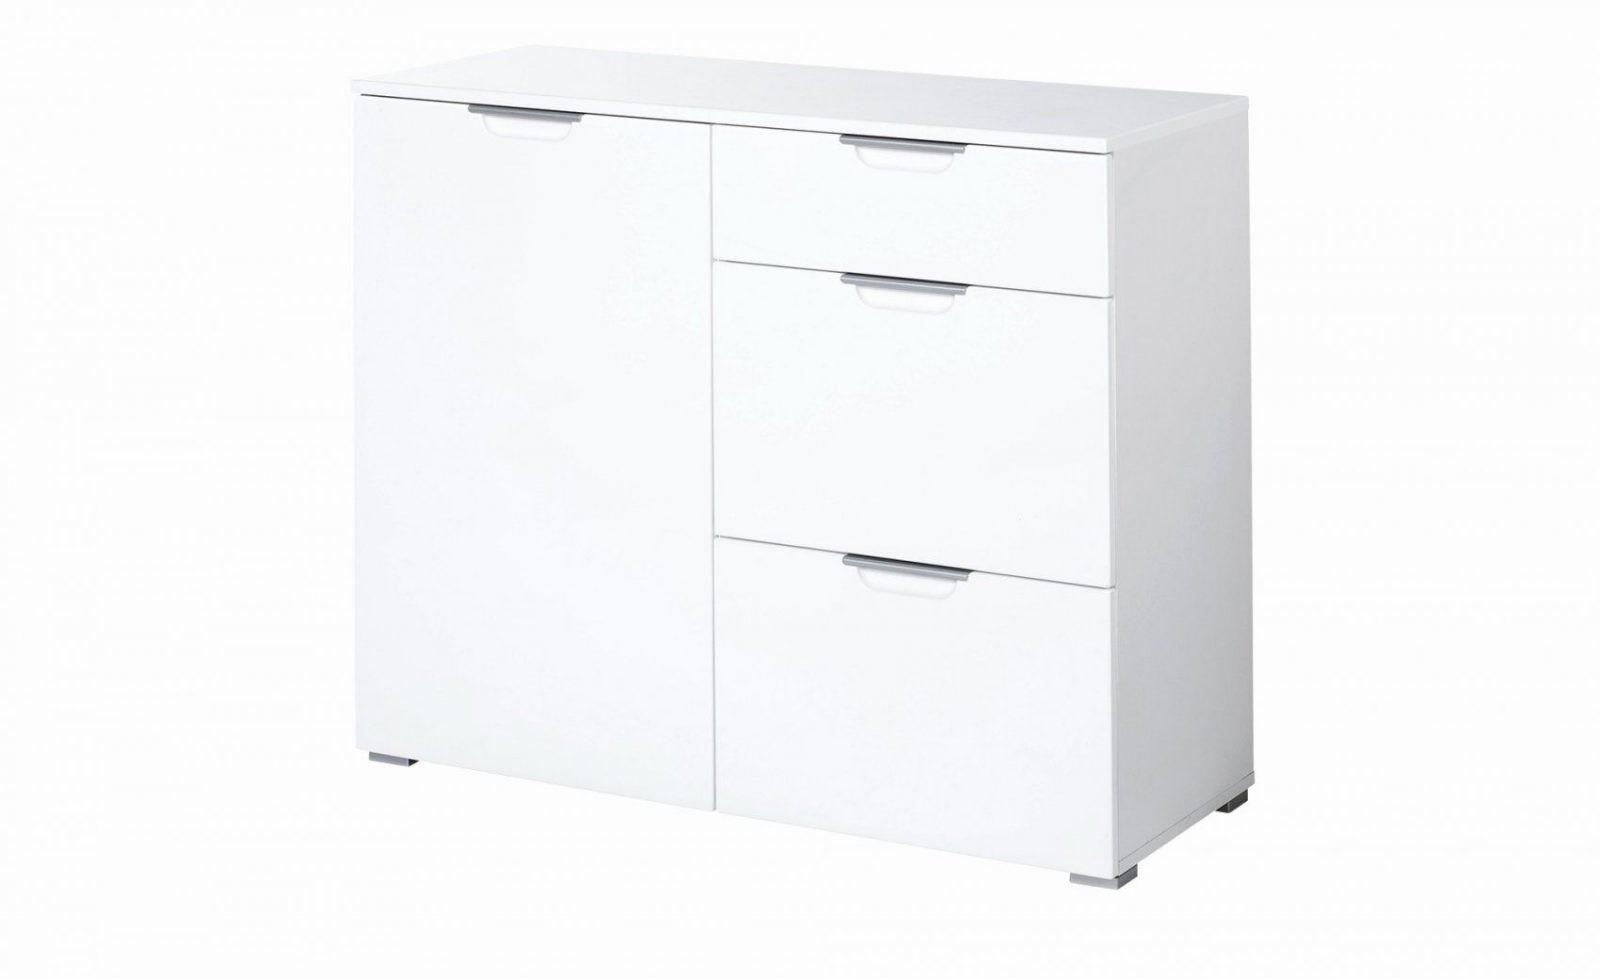 badschrank 20 cm tief haus design ideen. Black Bedroom Furniture Sets. Home Design Ideas